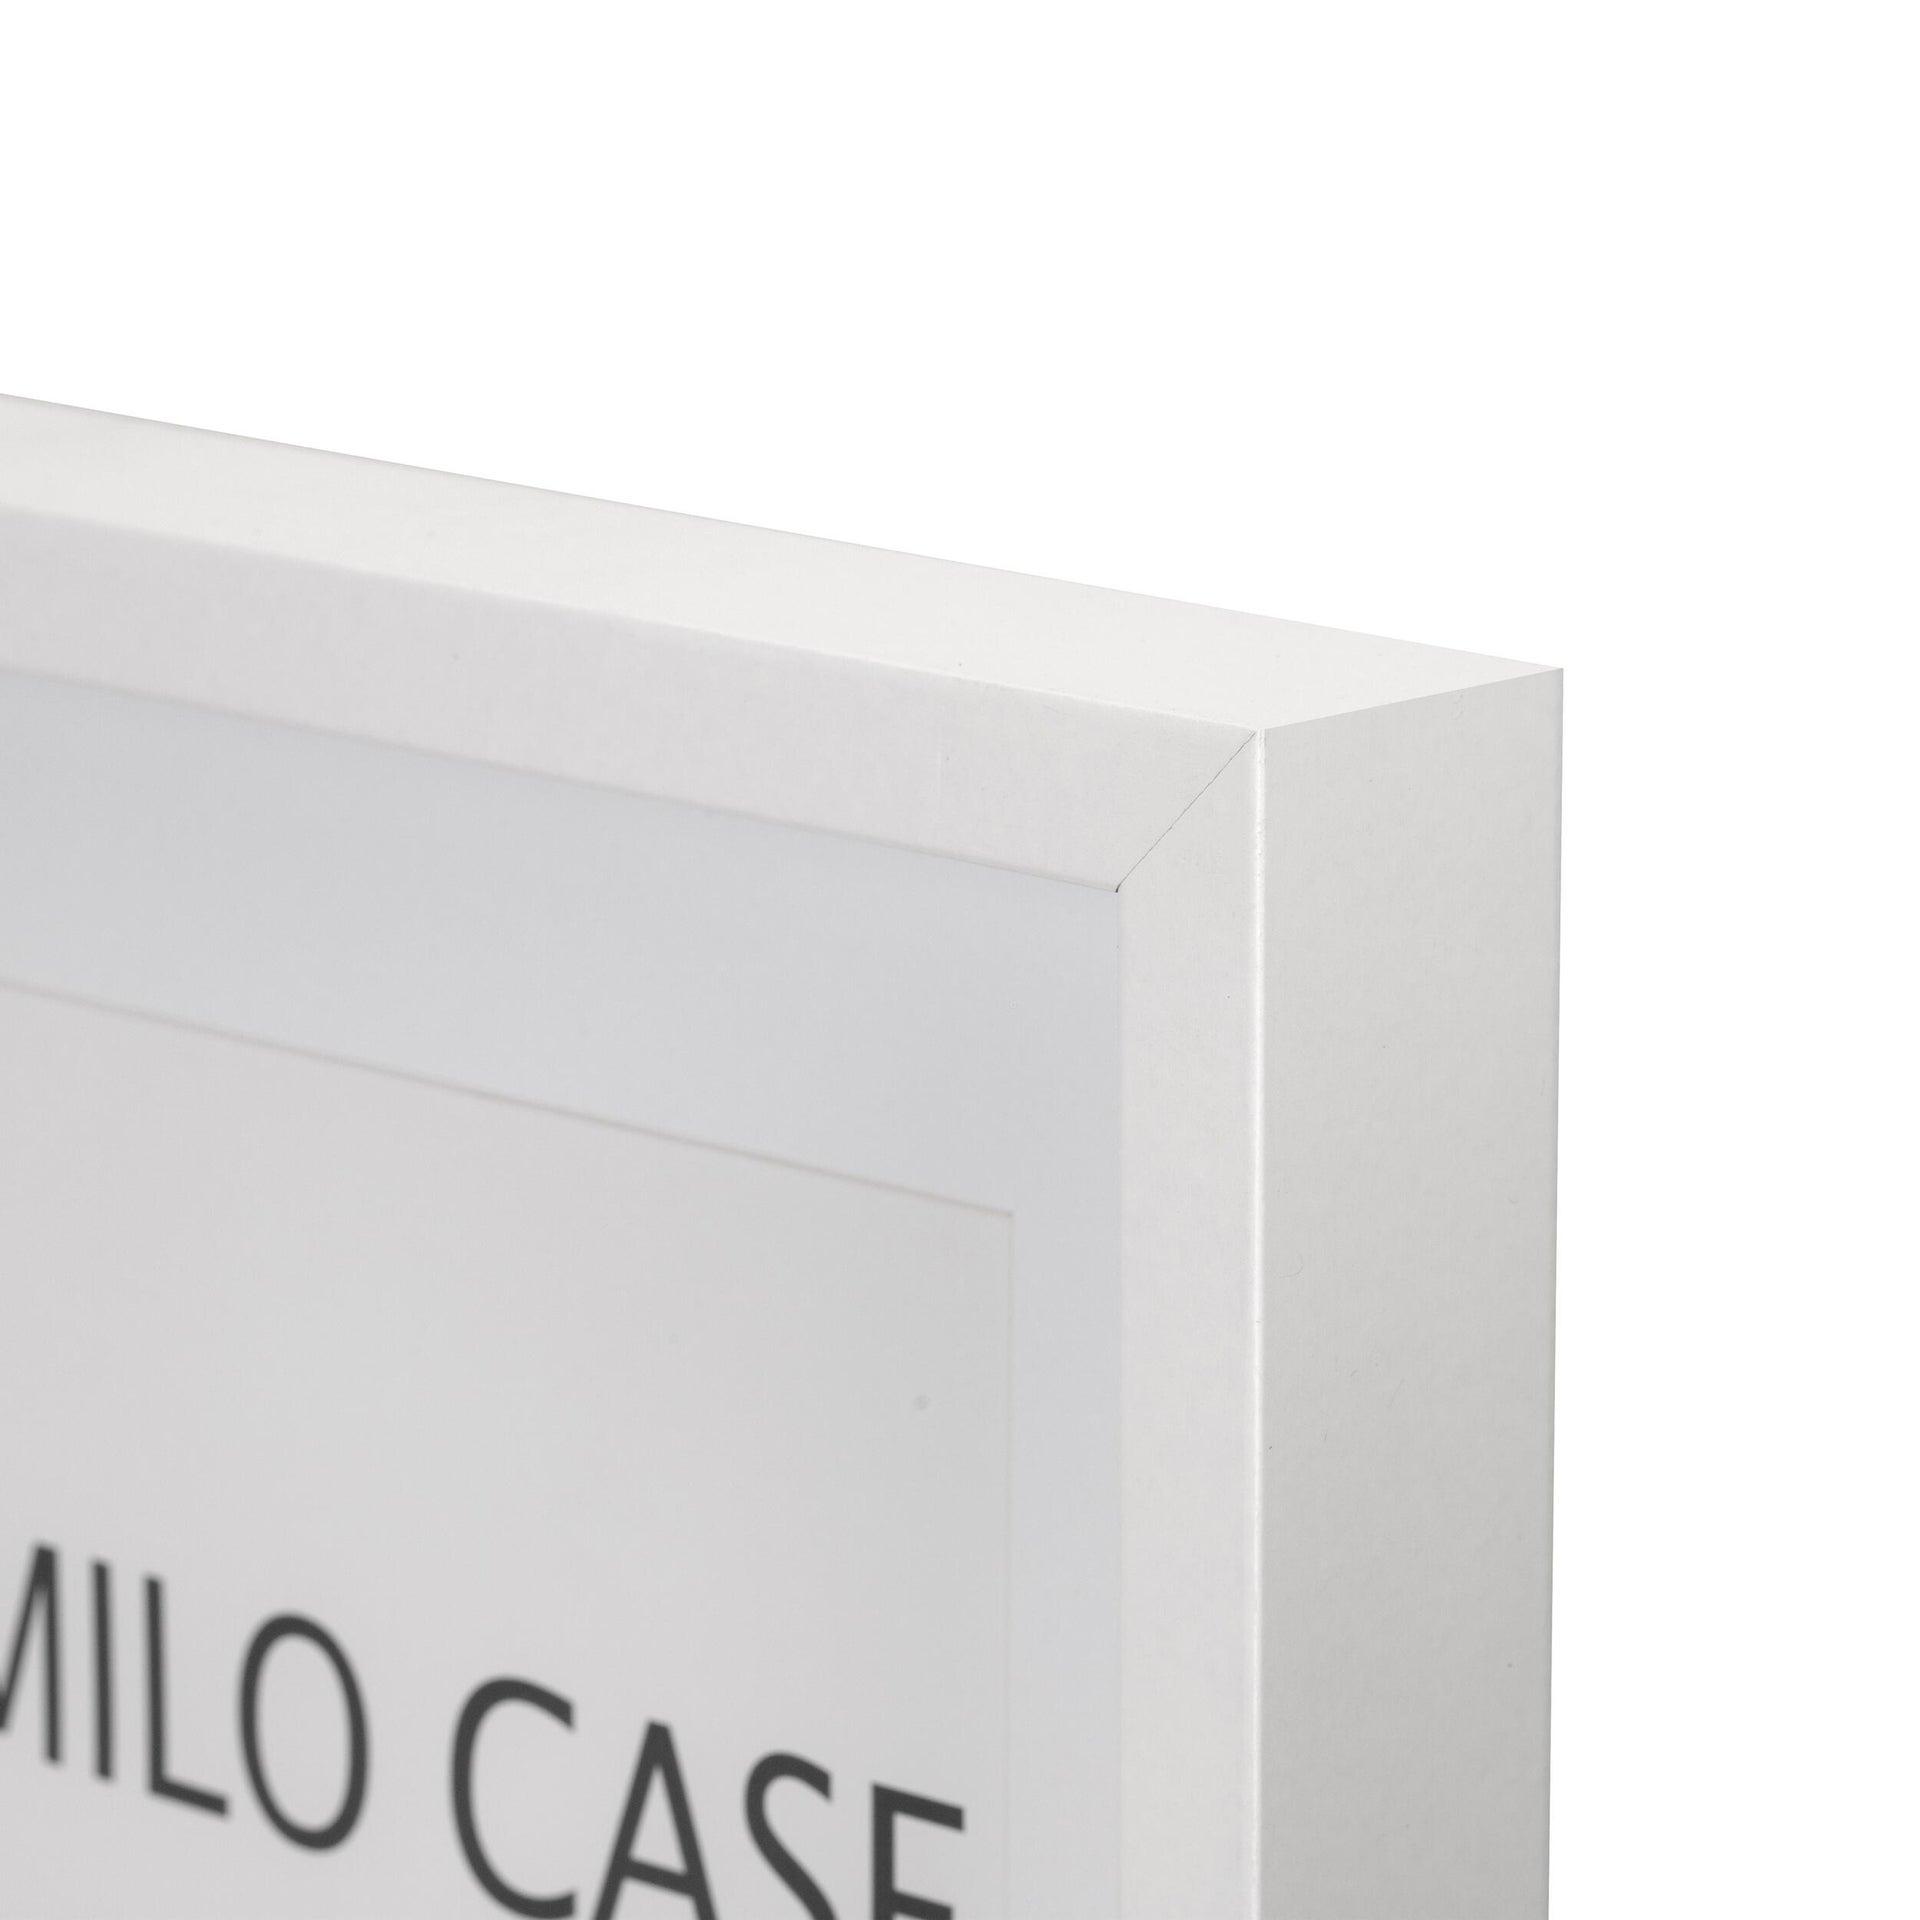 Cornice con passe-partout Inspire milo bianco 30x40 cm - 6